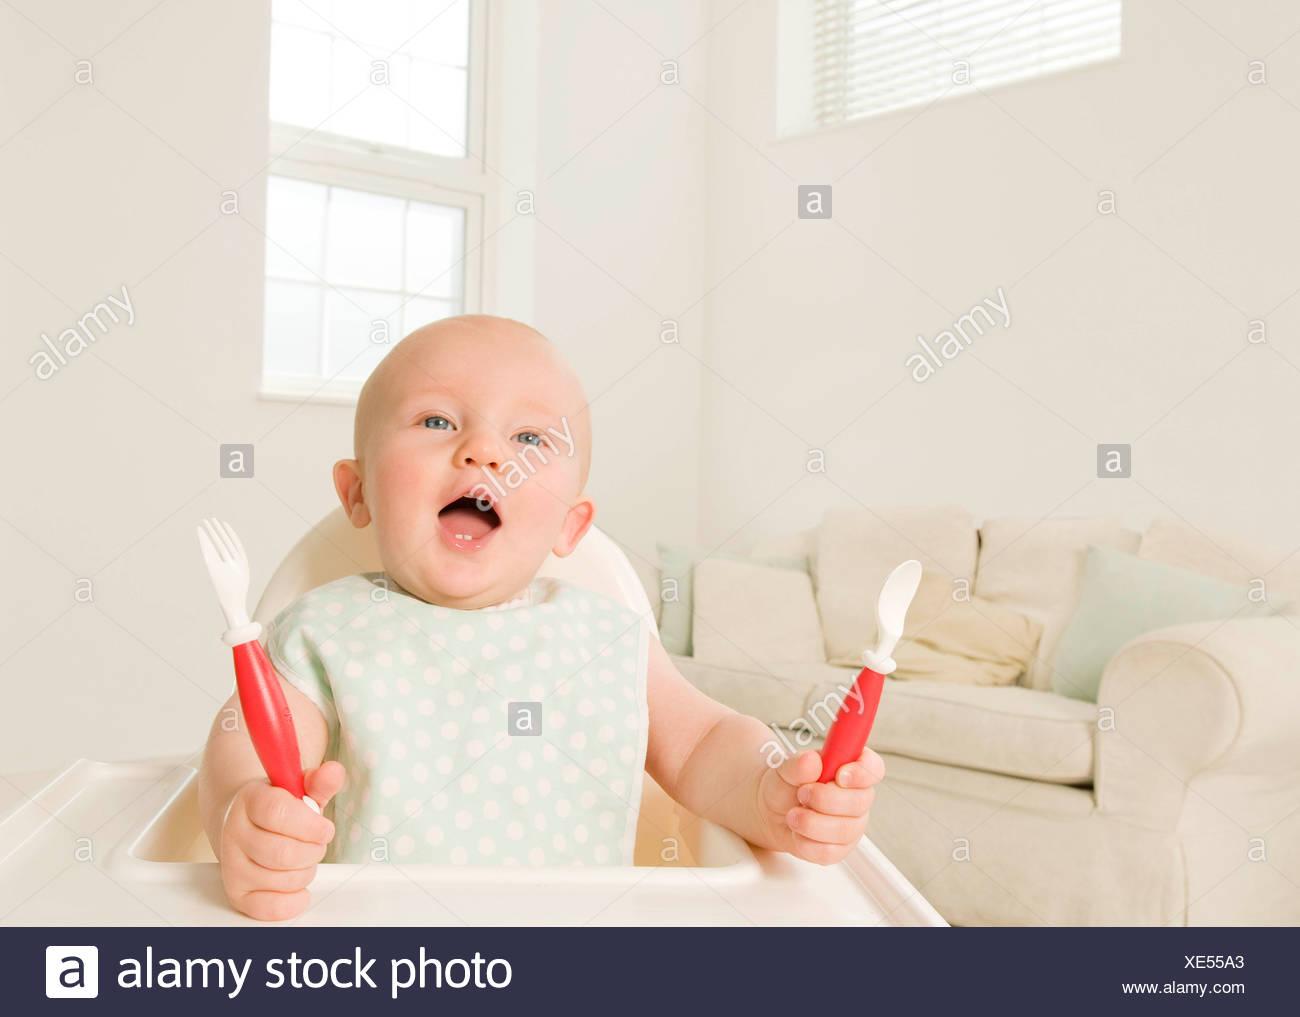 Un retrato de un bebé pidiendo comida. Foto de stock